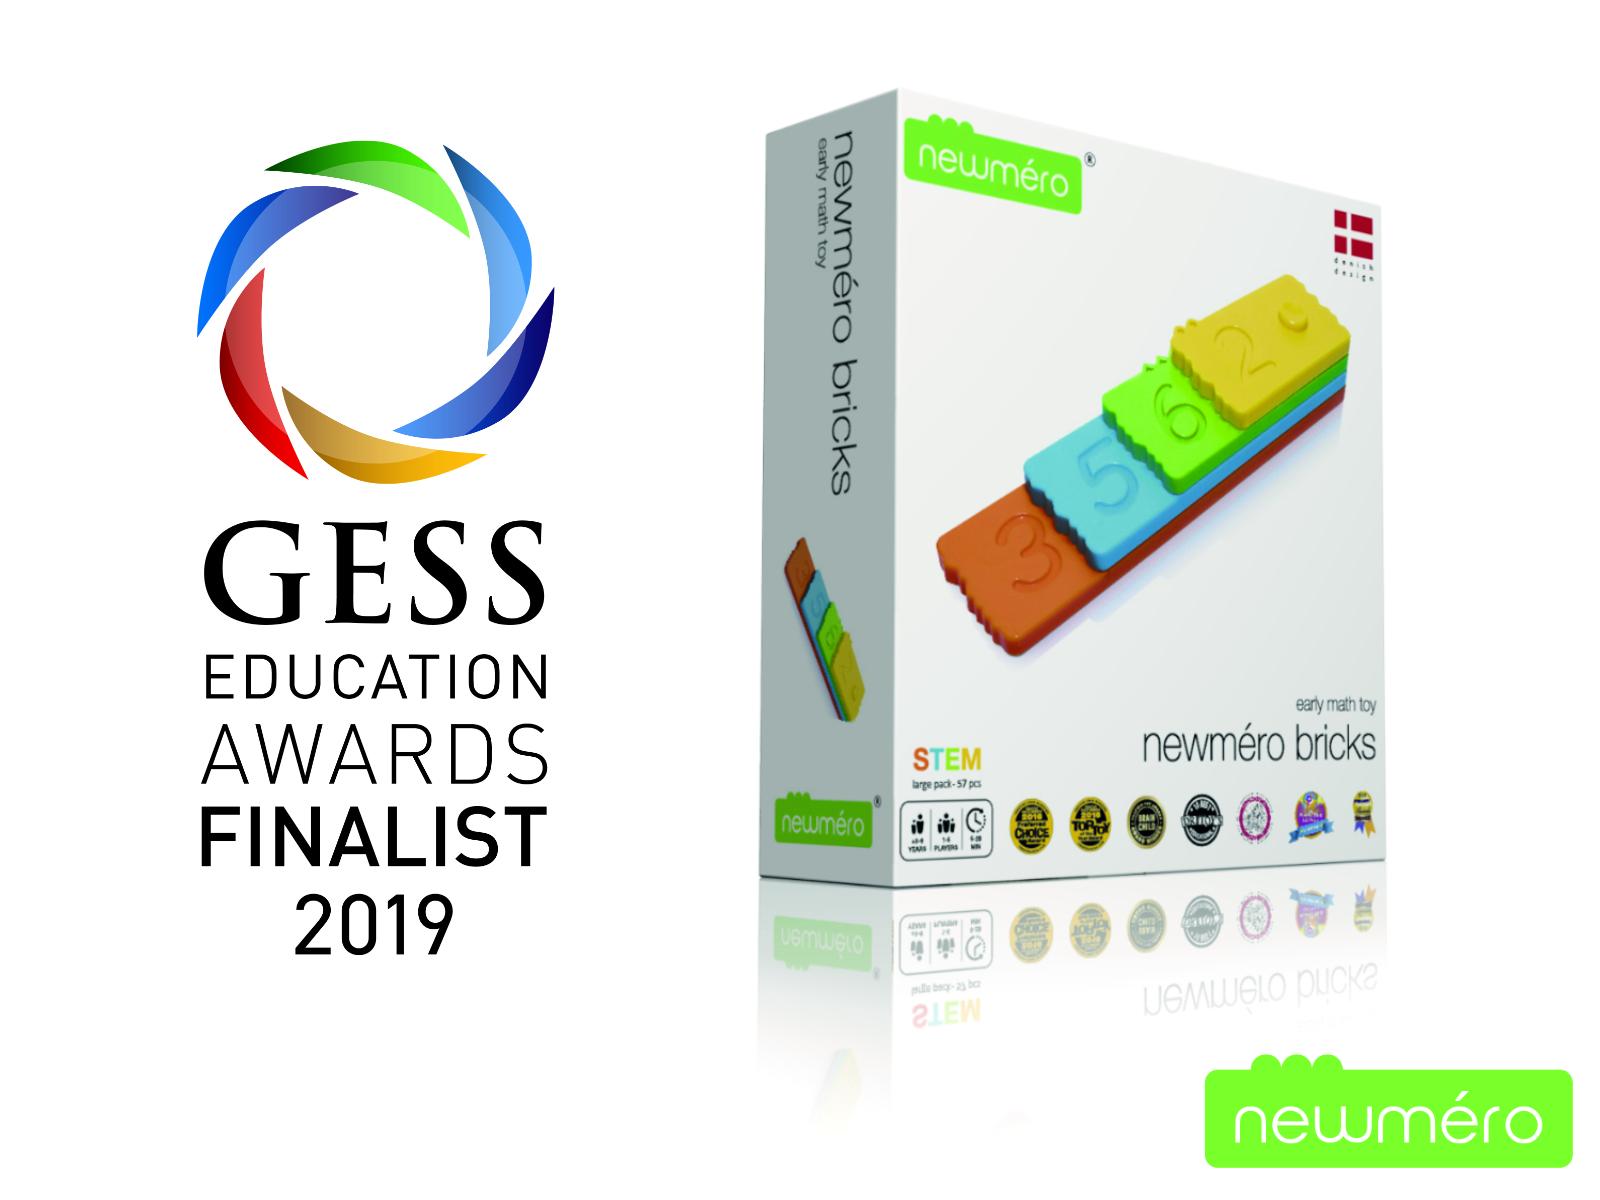 newmero bricks GESS award 2019 finalist